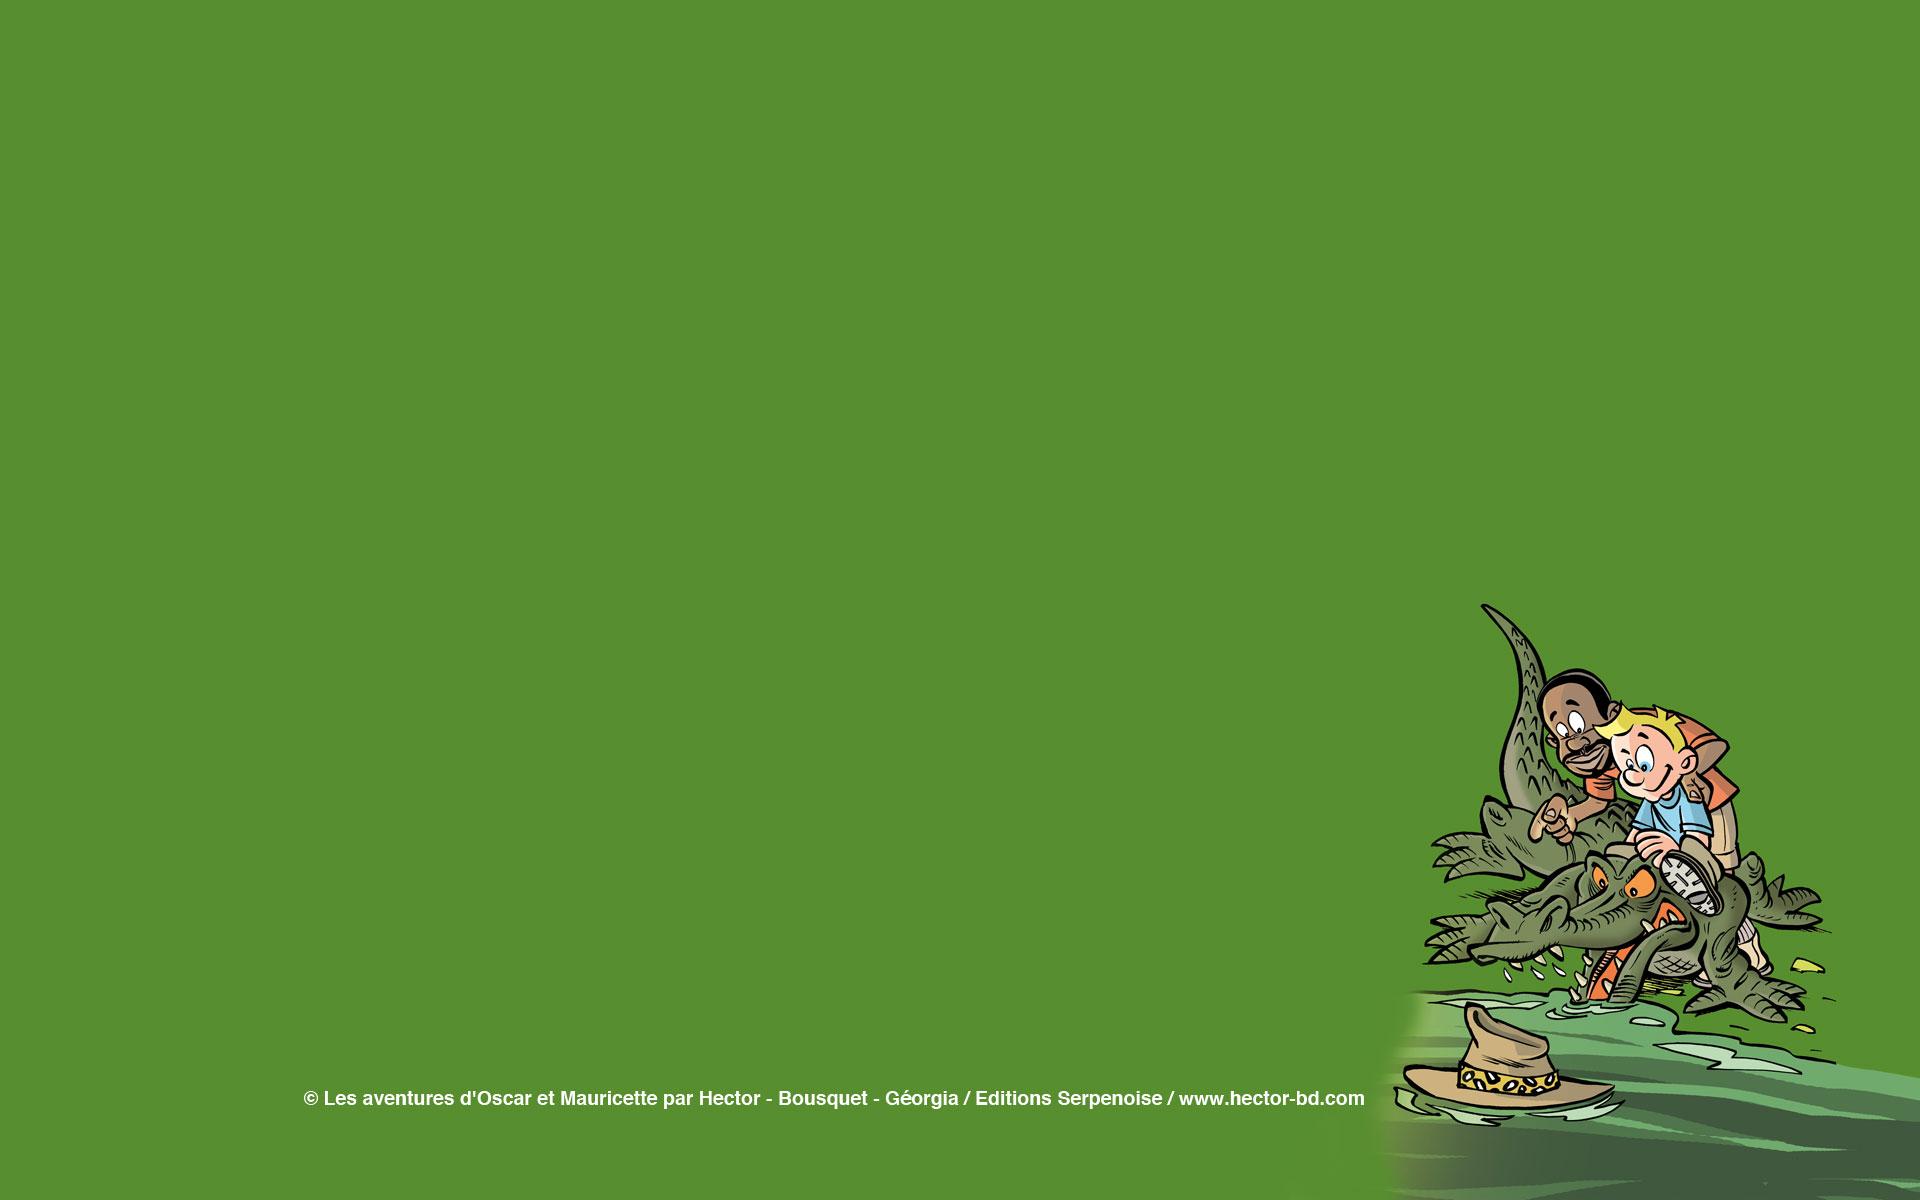 Fond cran le blog de r gis hector dessinateur de bd for Fond ecran bd gratuit